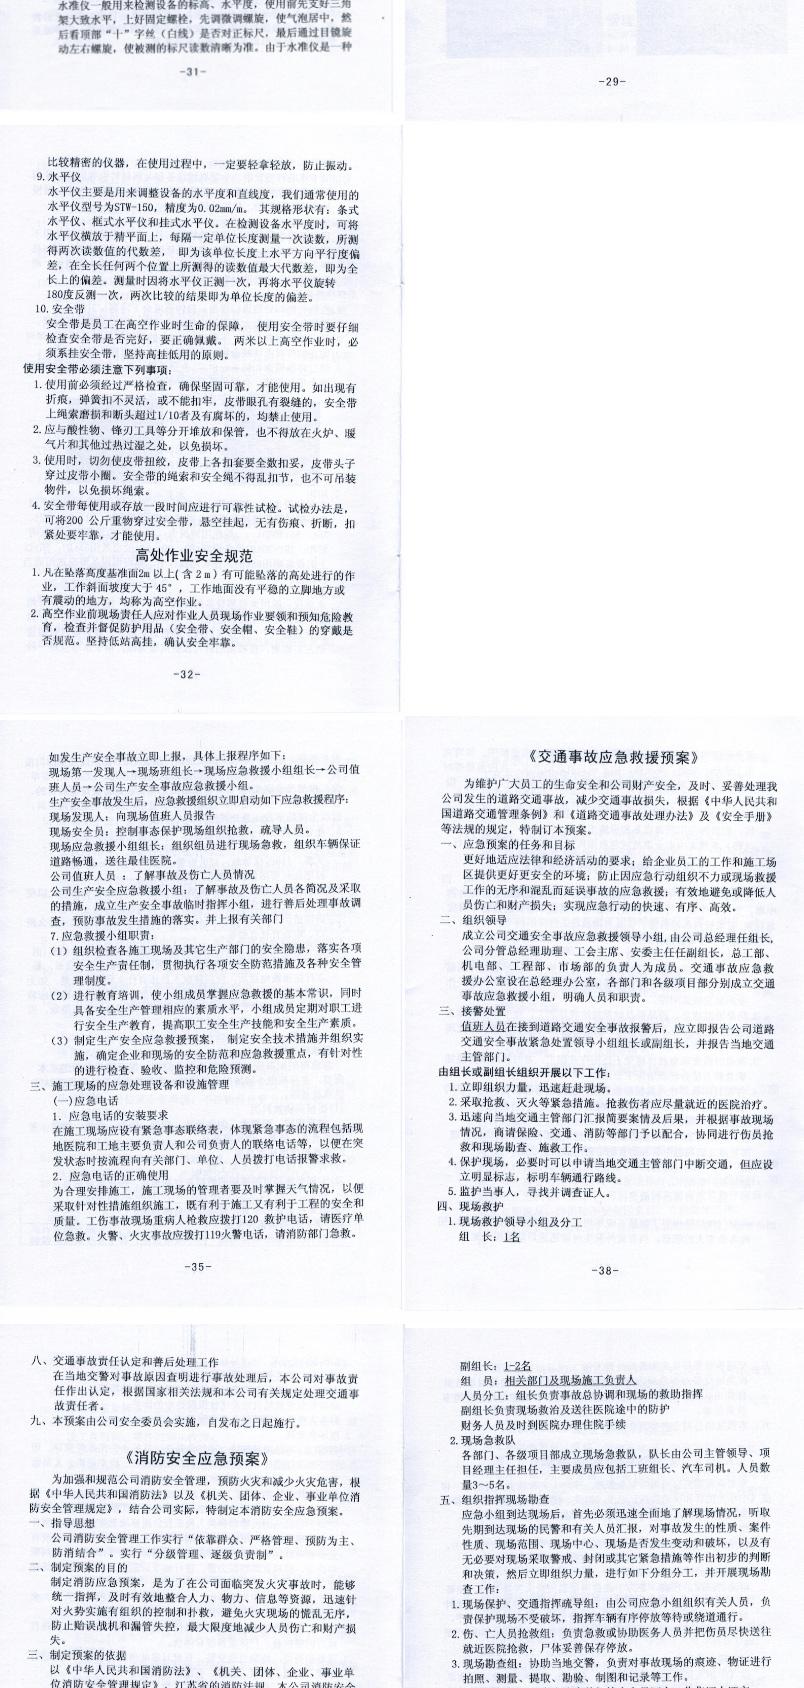 安全手册-安达利机电bob手机工程有限公司_07.jpg